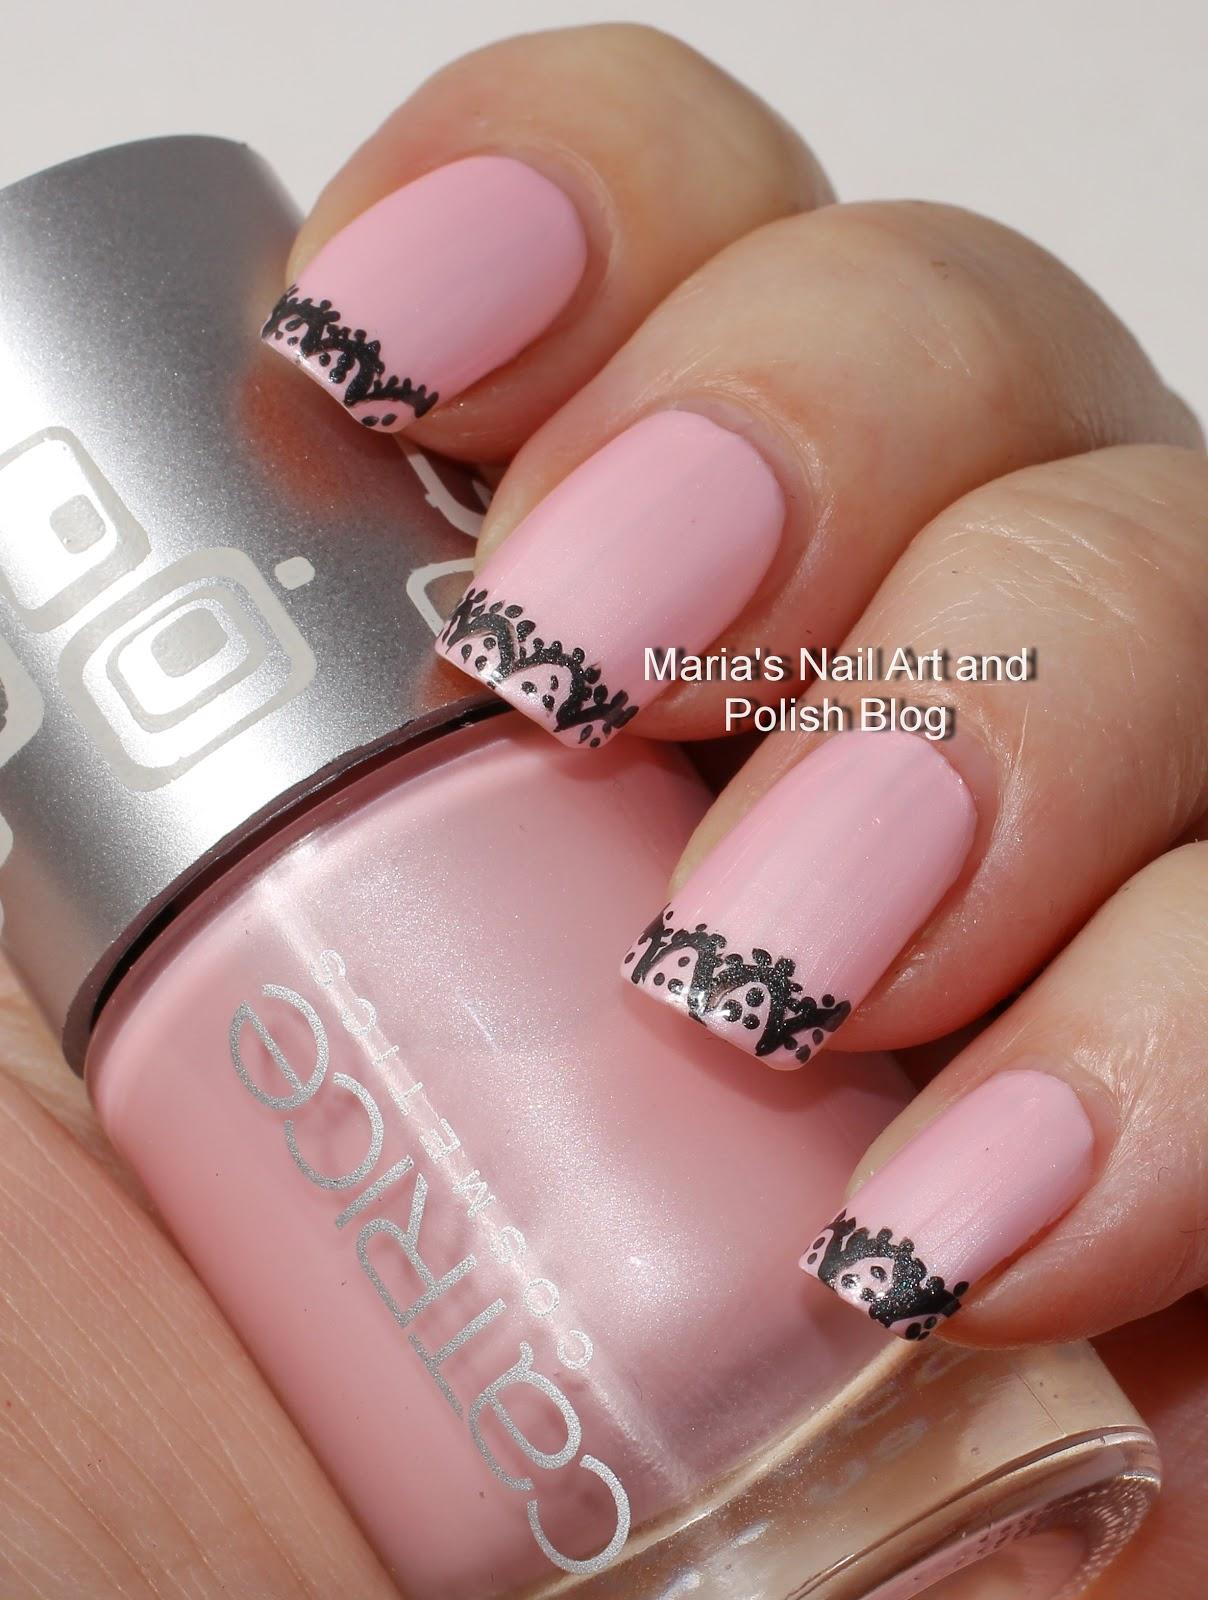 Marias Nail Art And Polish Blog Black Lace Nail Art On Another Pink